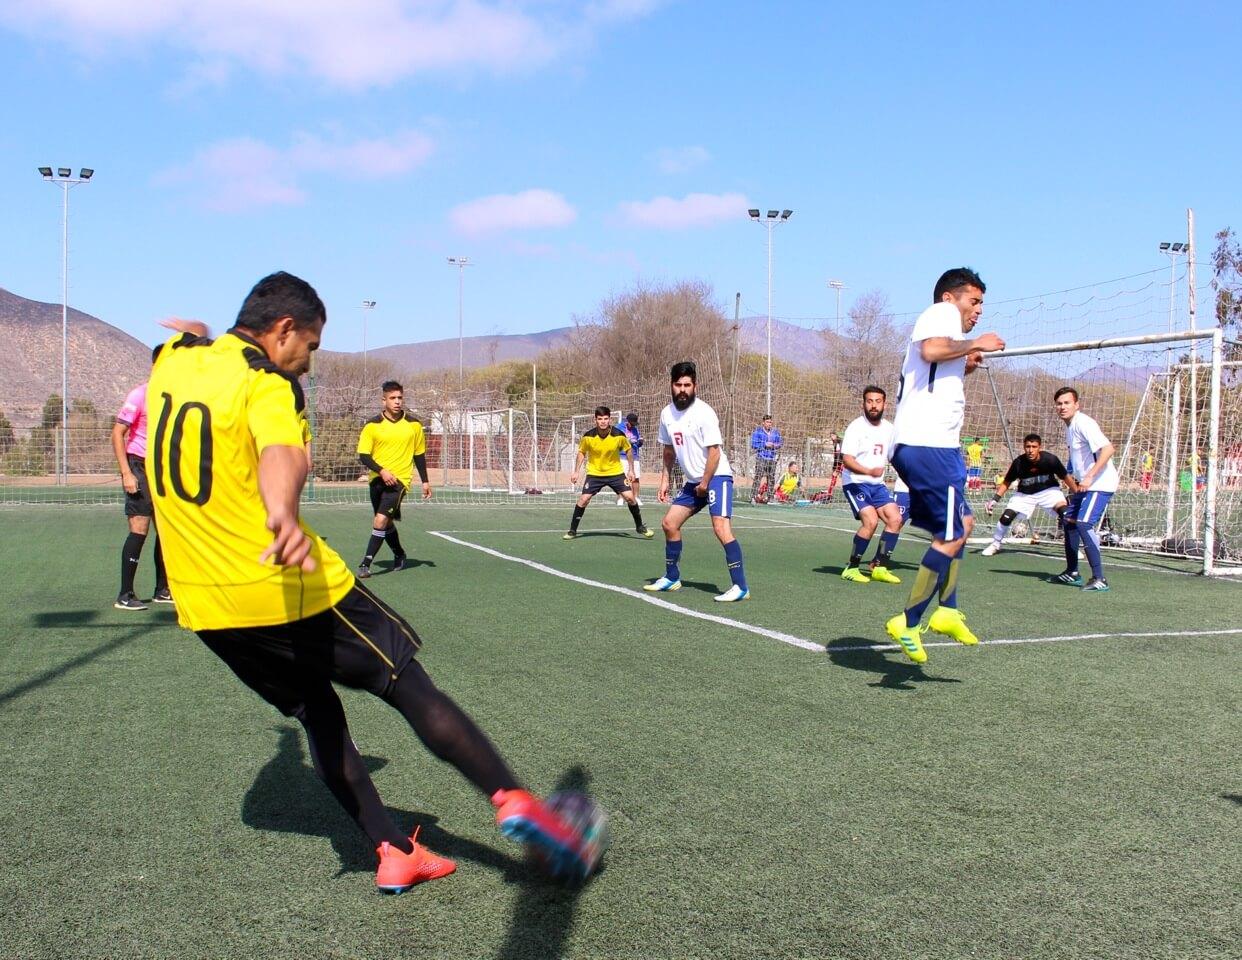 trabajadores-forman-equipo-futbol-maestro-constructora-rencoret-2019